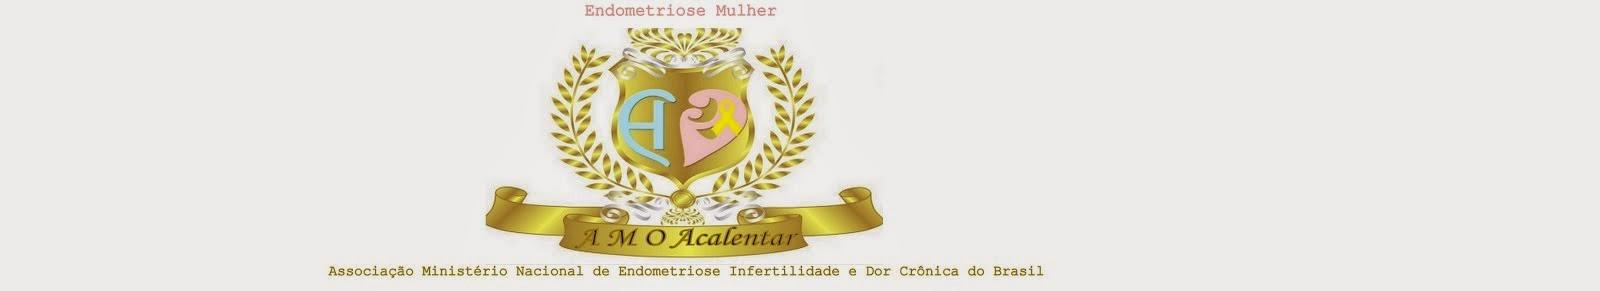 Associação e Ministério Nacional de Endometriose Infertilidade e Dor Crônica Do Brasil